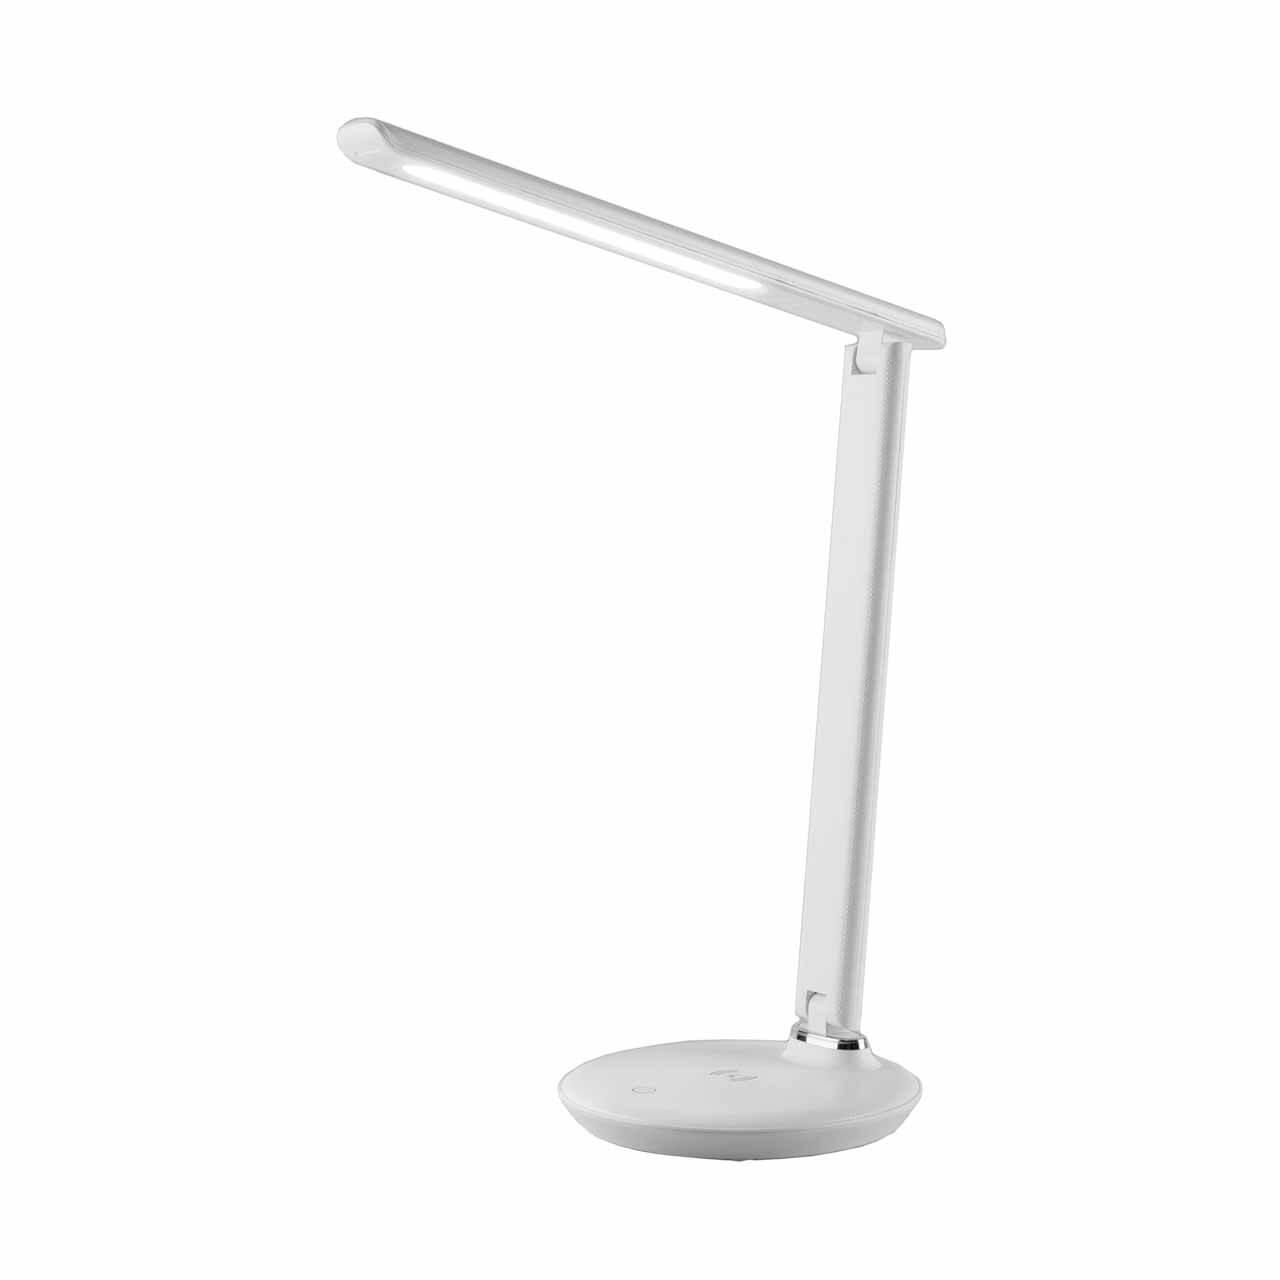 Настольная лампа Elektrostandard 4690389147135 Brava (Сенсорное управление)